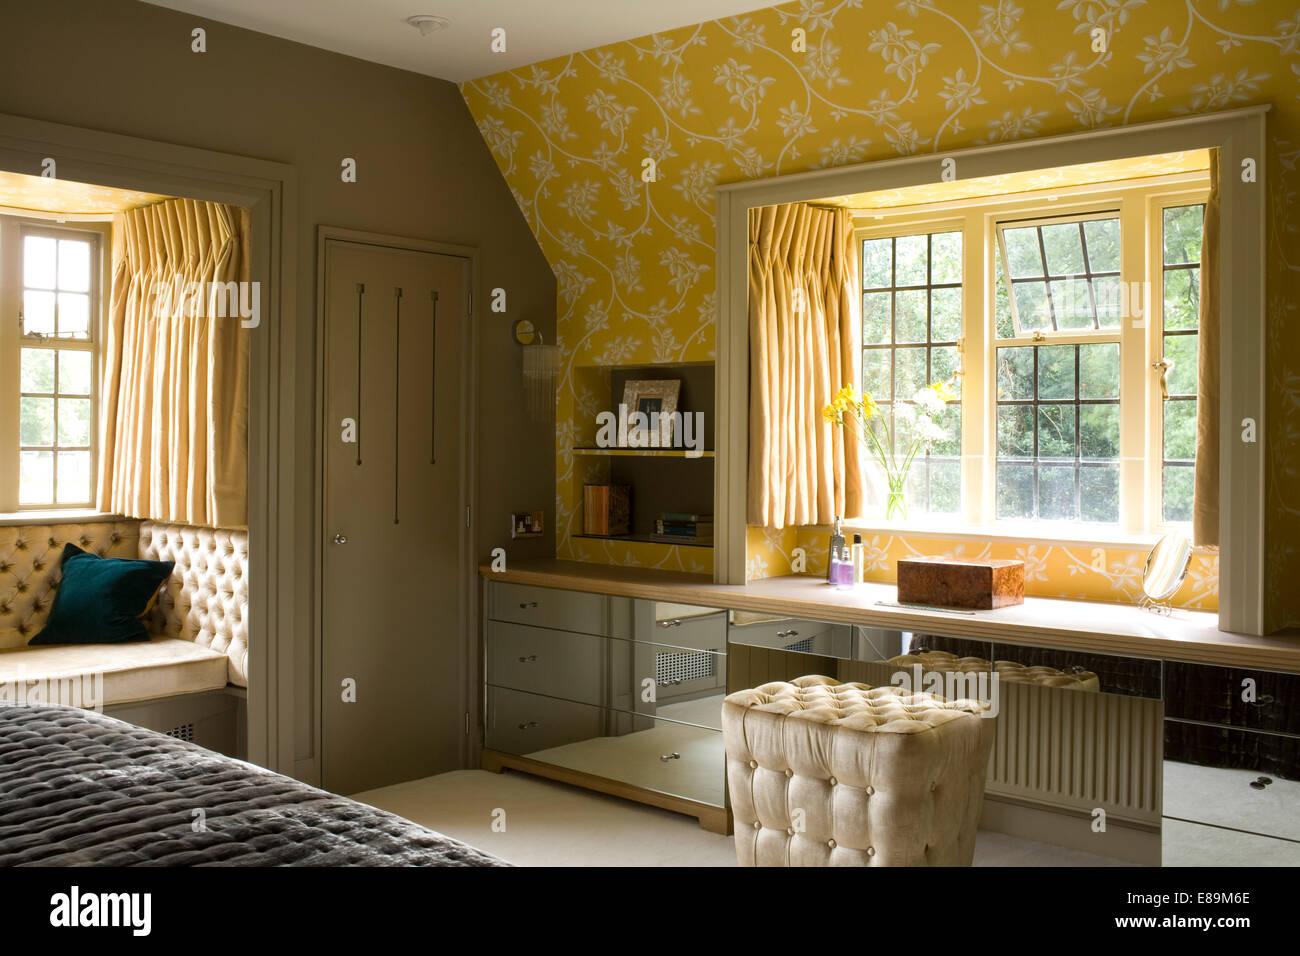 Gepolsterte hocker an montierten gespiegelten schminktisch unter fenster im land schlafzimmer - Schlafzimmer mit schminktisch ...